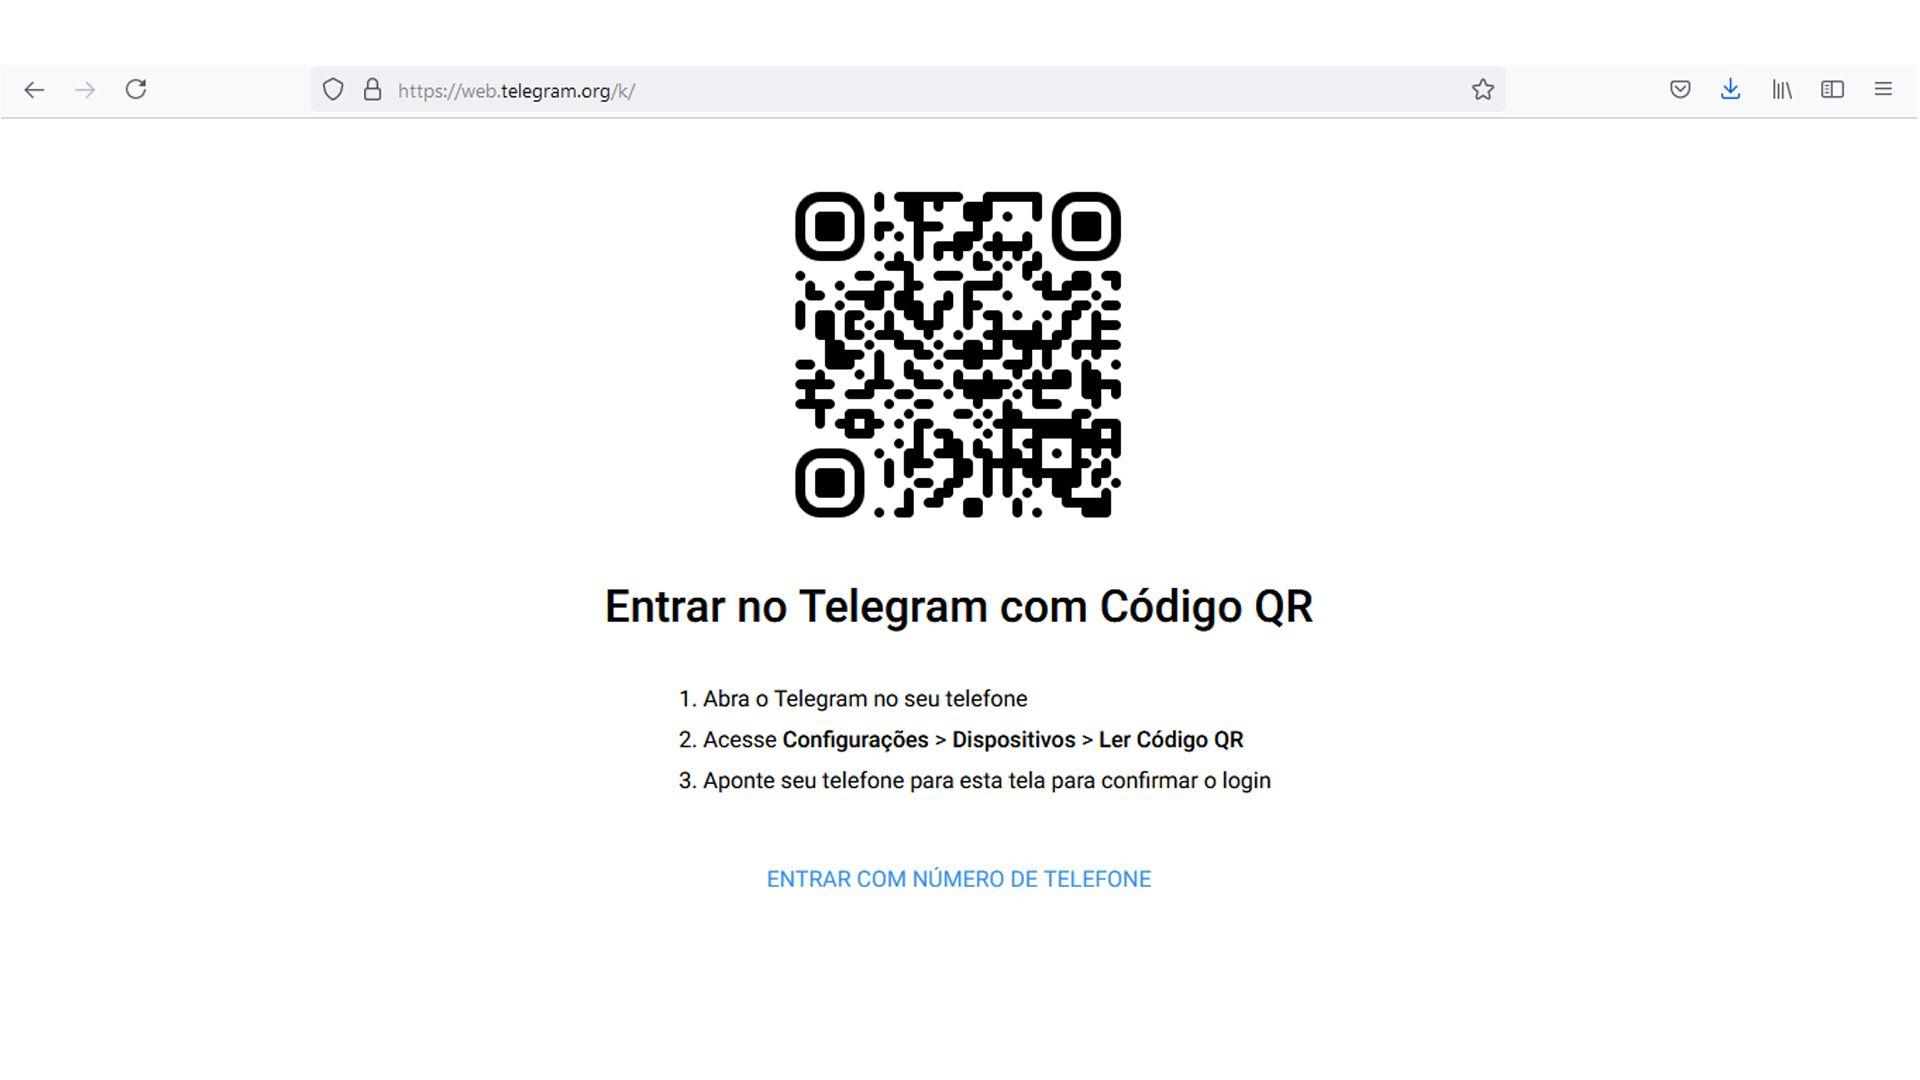 Informe seu número de telefone para receber o código de acesso ou use QRcode. (Fonte: Redação)